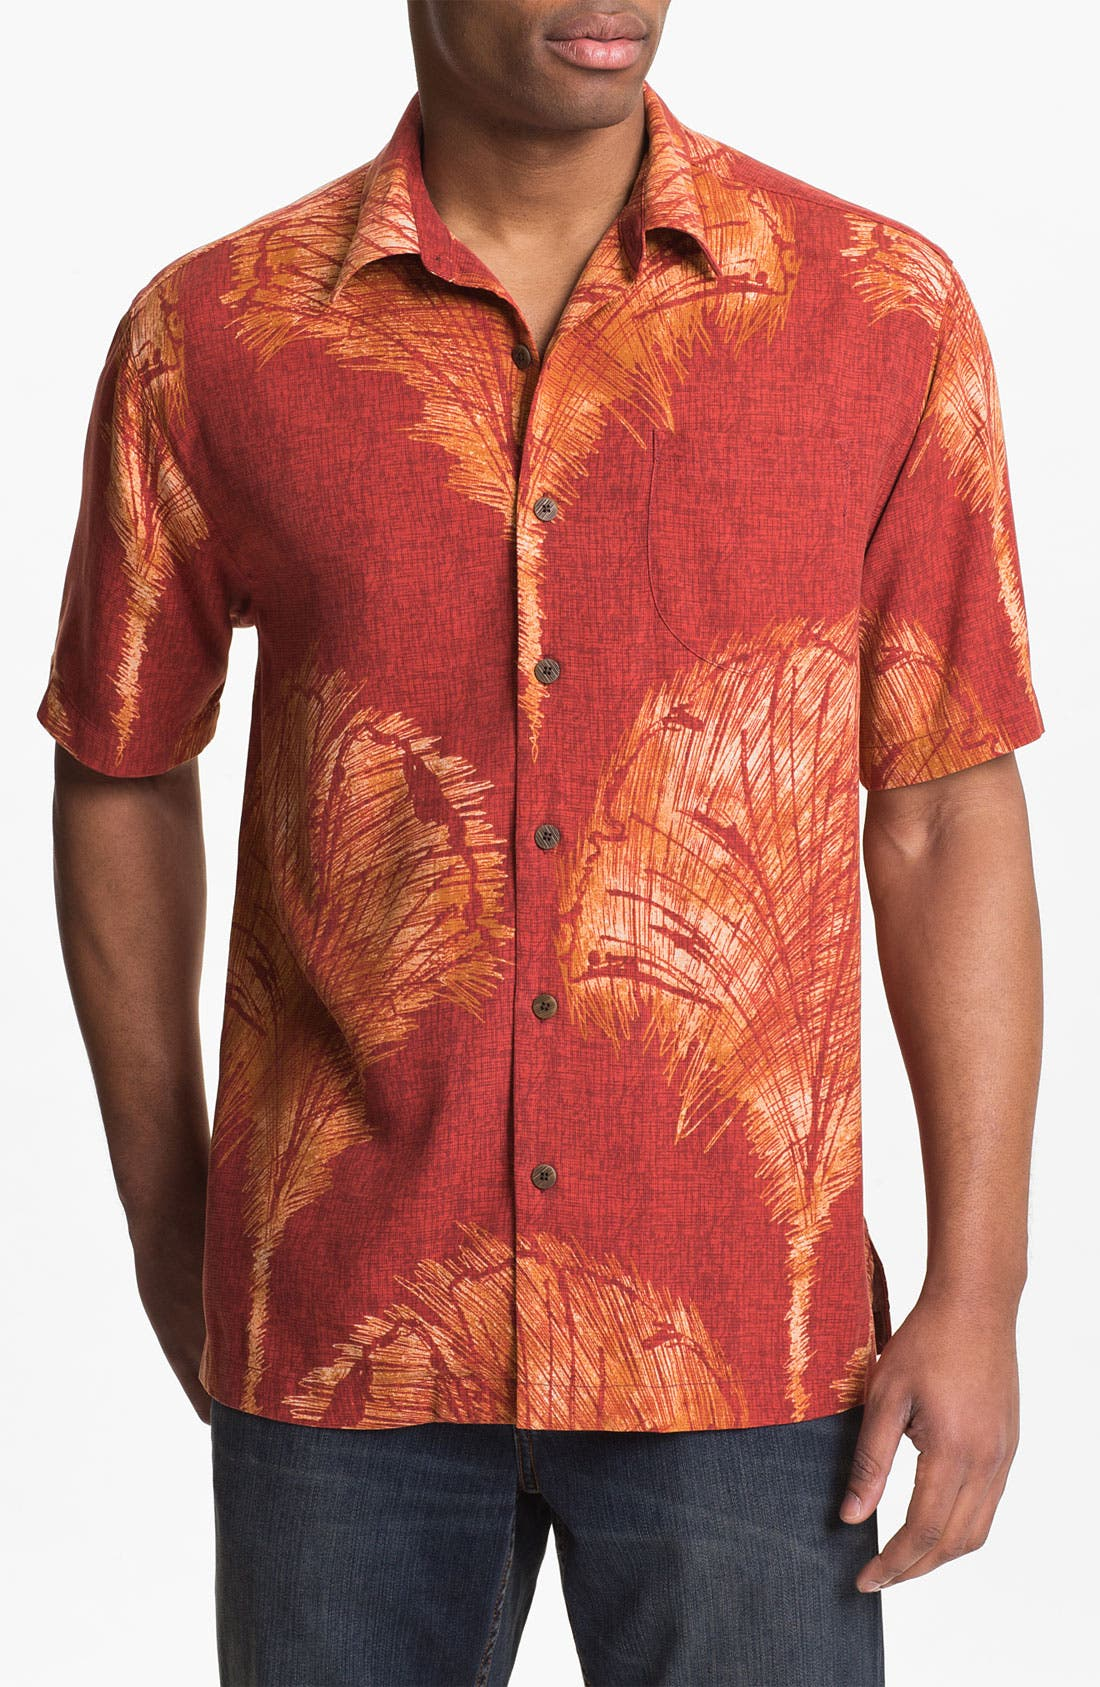 Alternate Image 1 Selected - Tommy Bahama 'Fanarama' Silk Campshirt